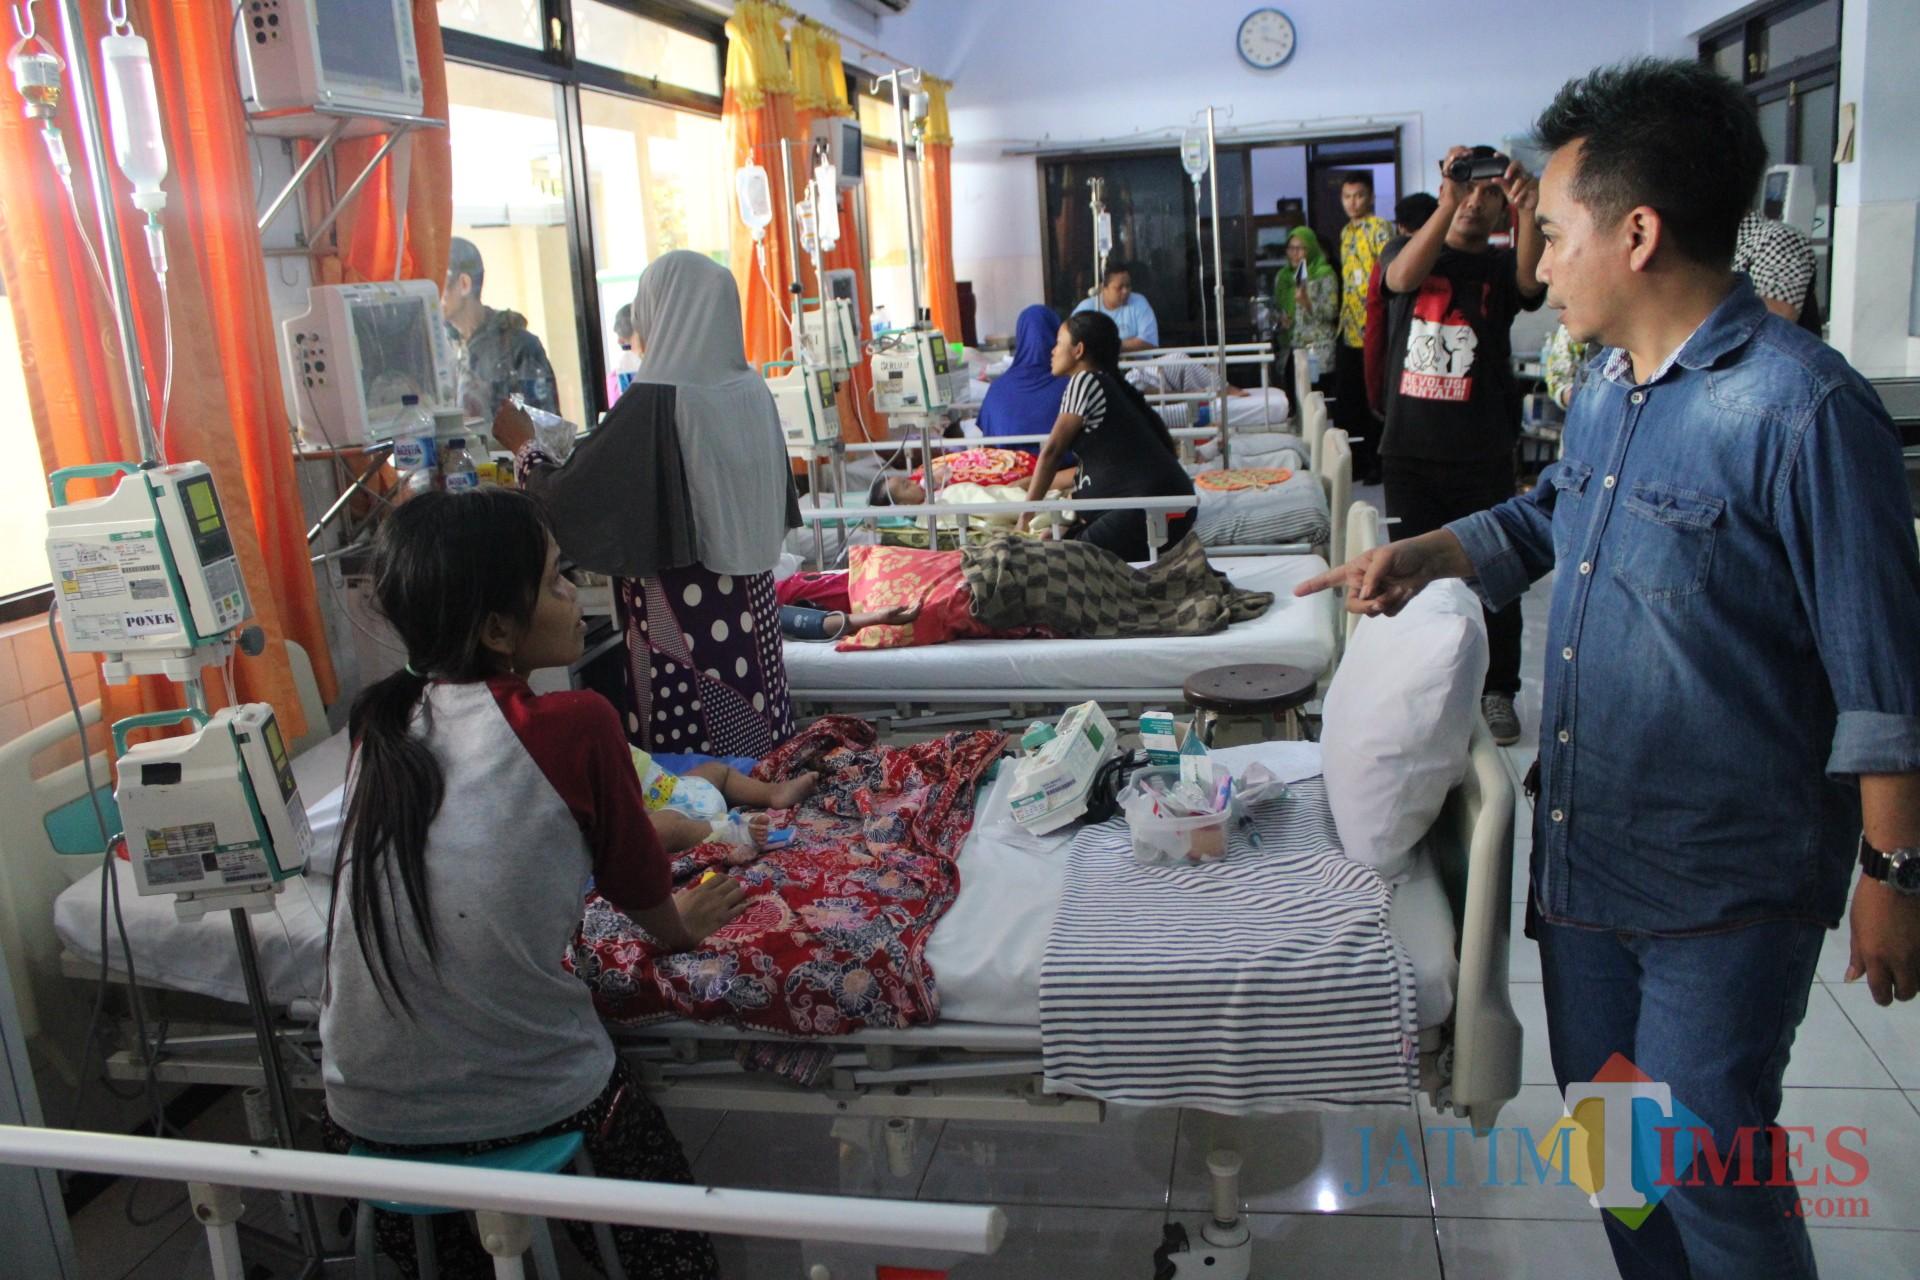 Mengenakan kemeja biru, Ketua Komisi D DPRD Jombang berdialog dengan salah satu keluarga pasien saat sidak di ruang Seruni RSUD Jombang. (Foto : Adi Rosul / JombangTIMES)